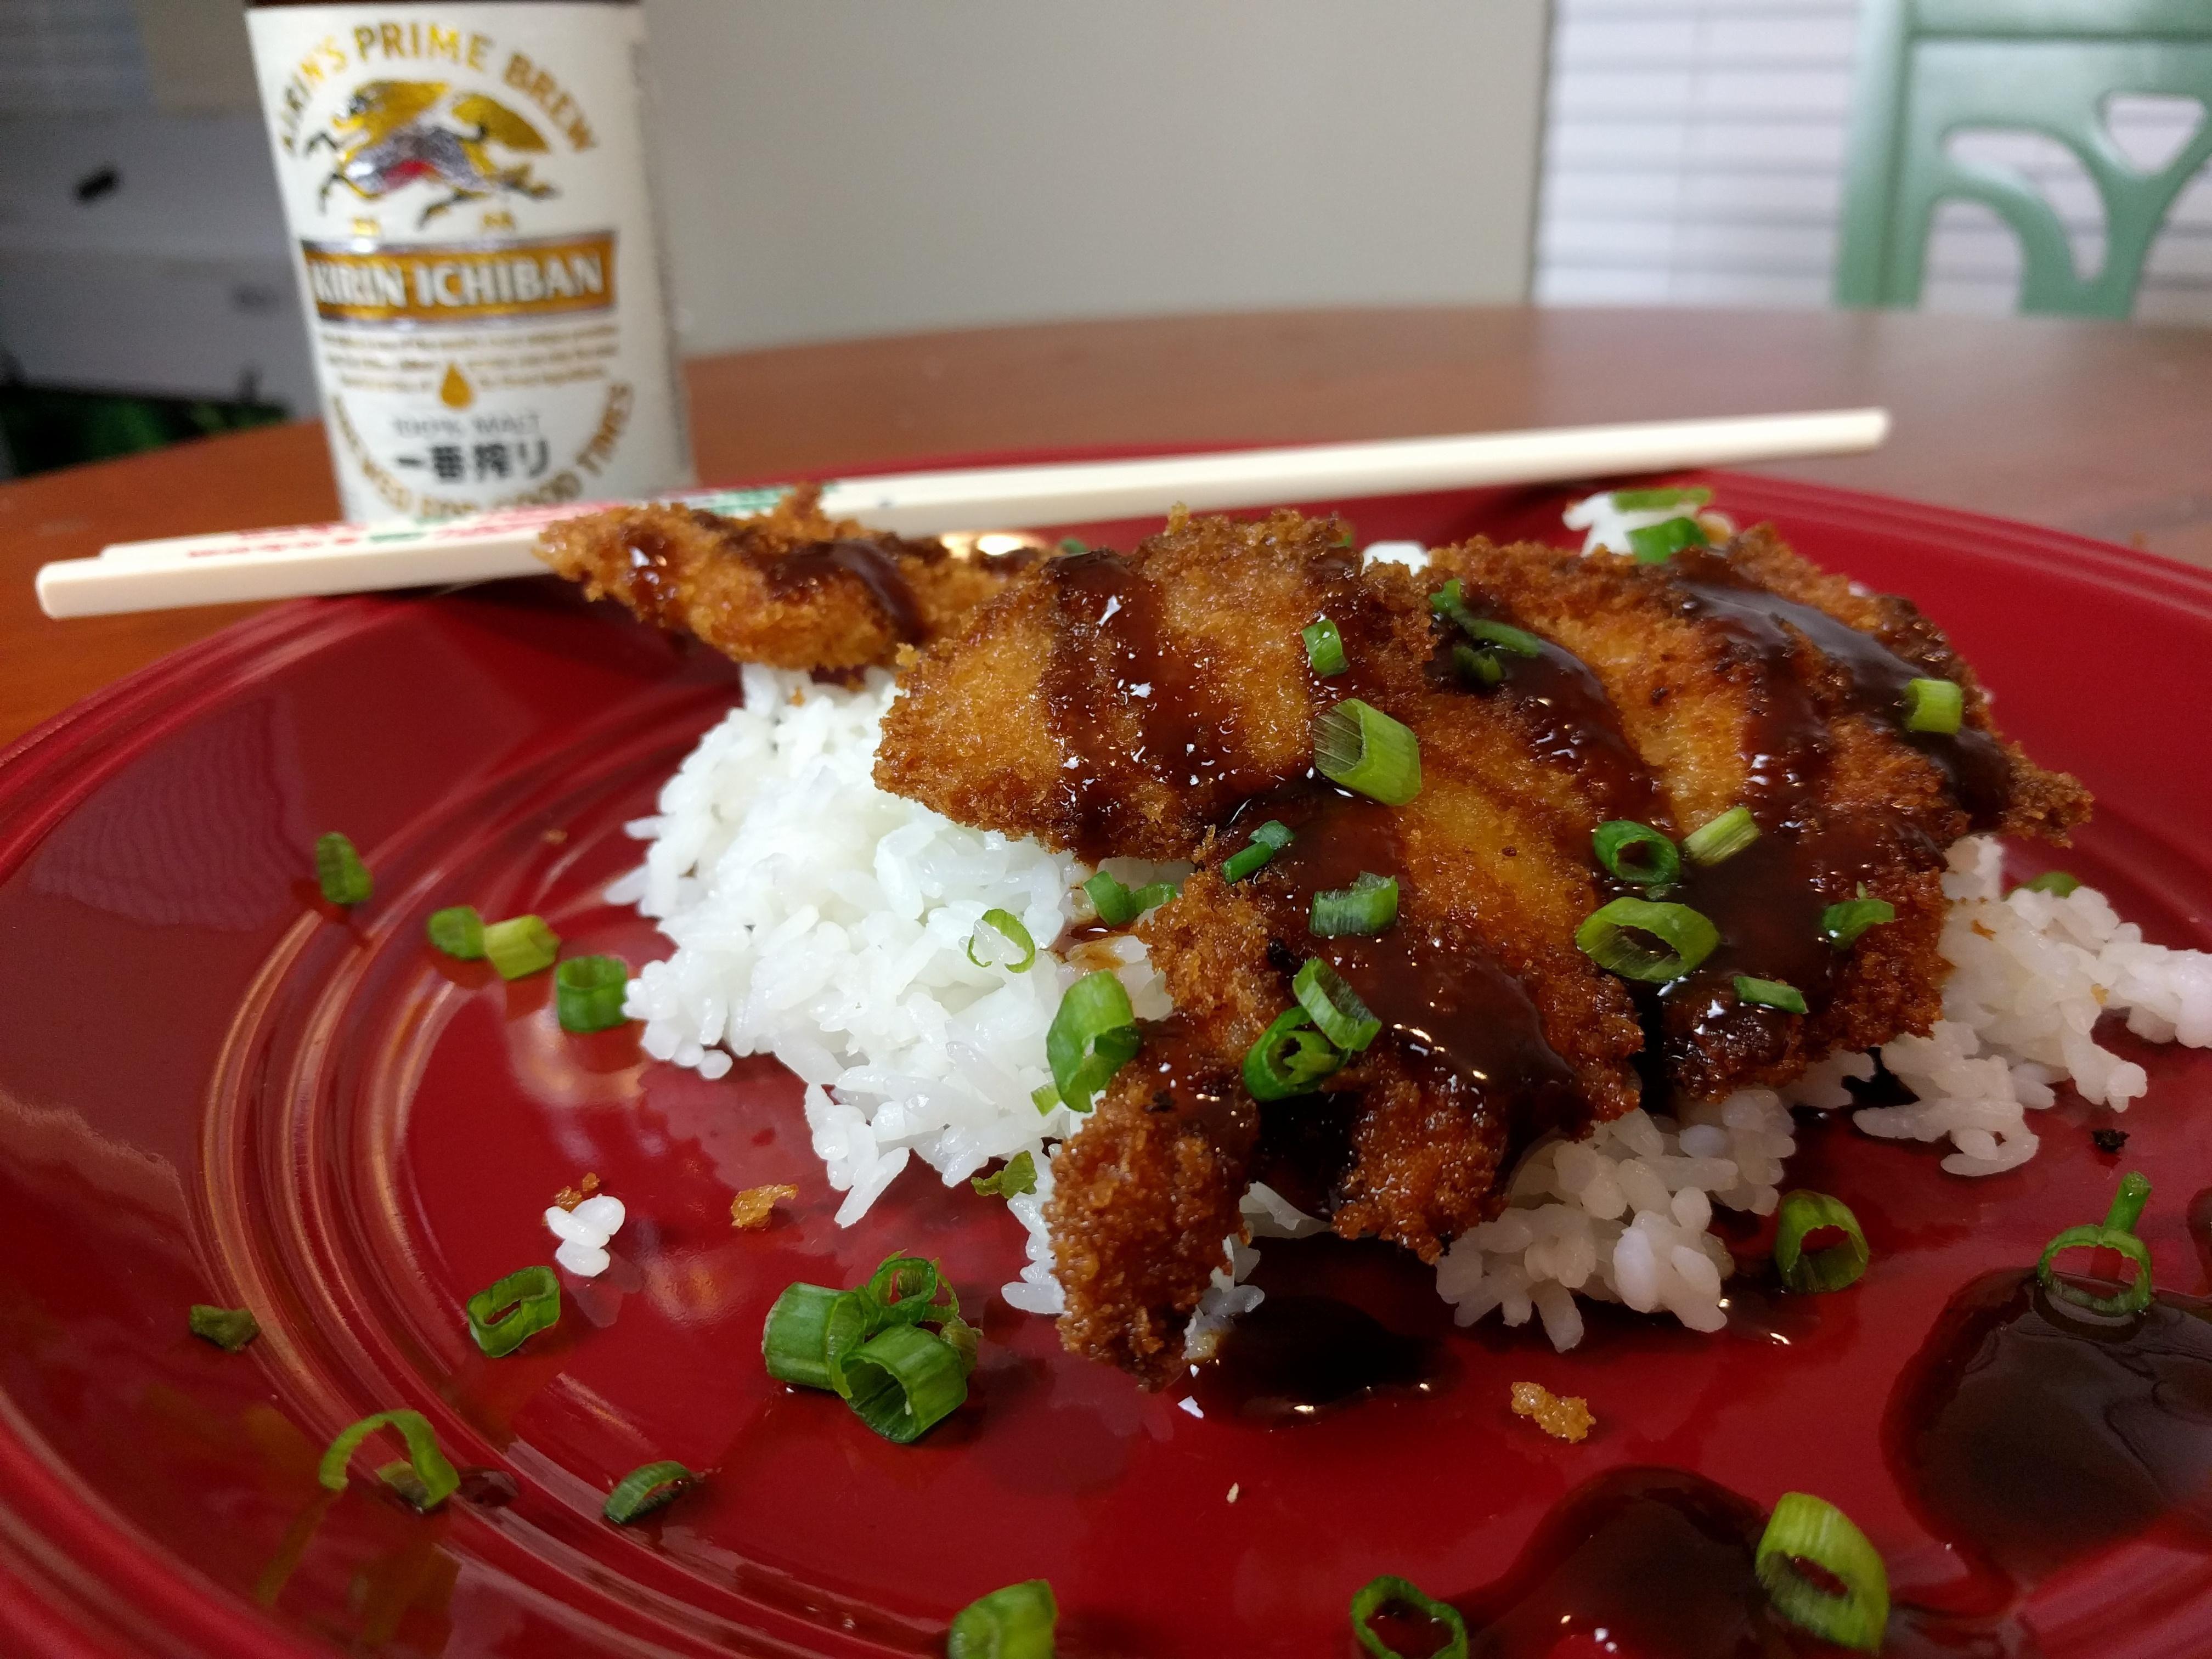 Homemade] Chicken Katsu with Tonkatsu Sauce and Kirin Ichiban ...